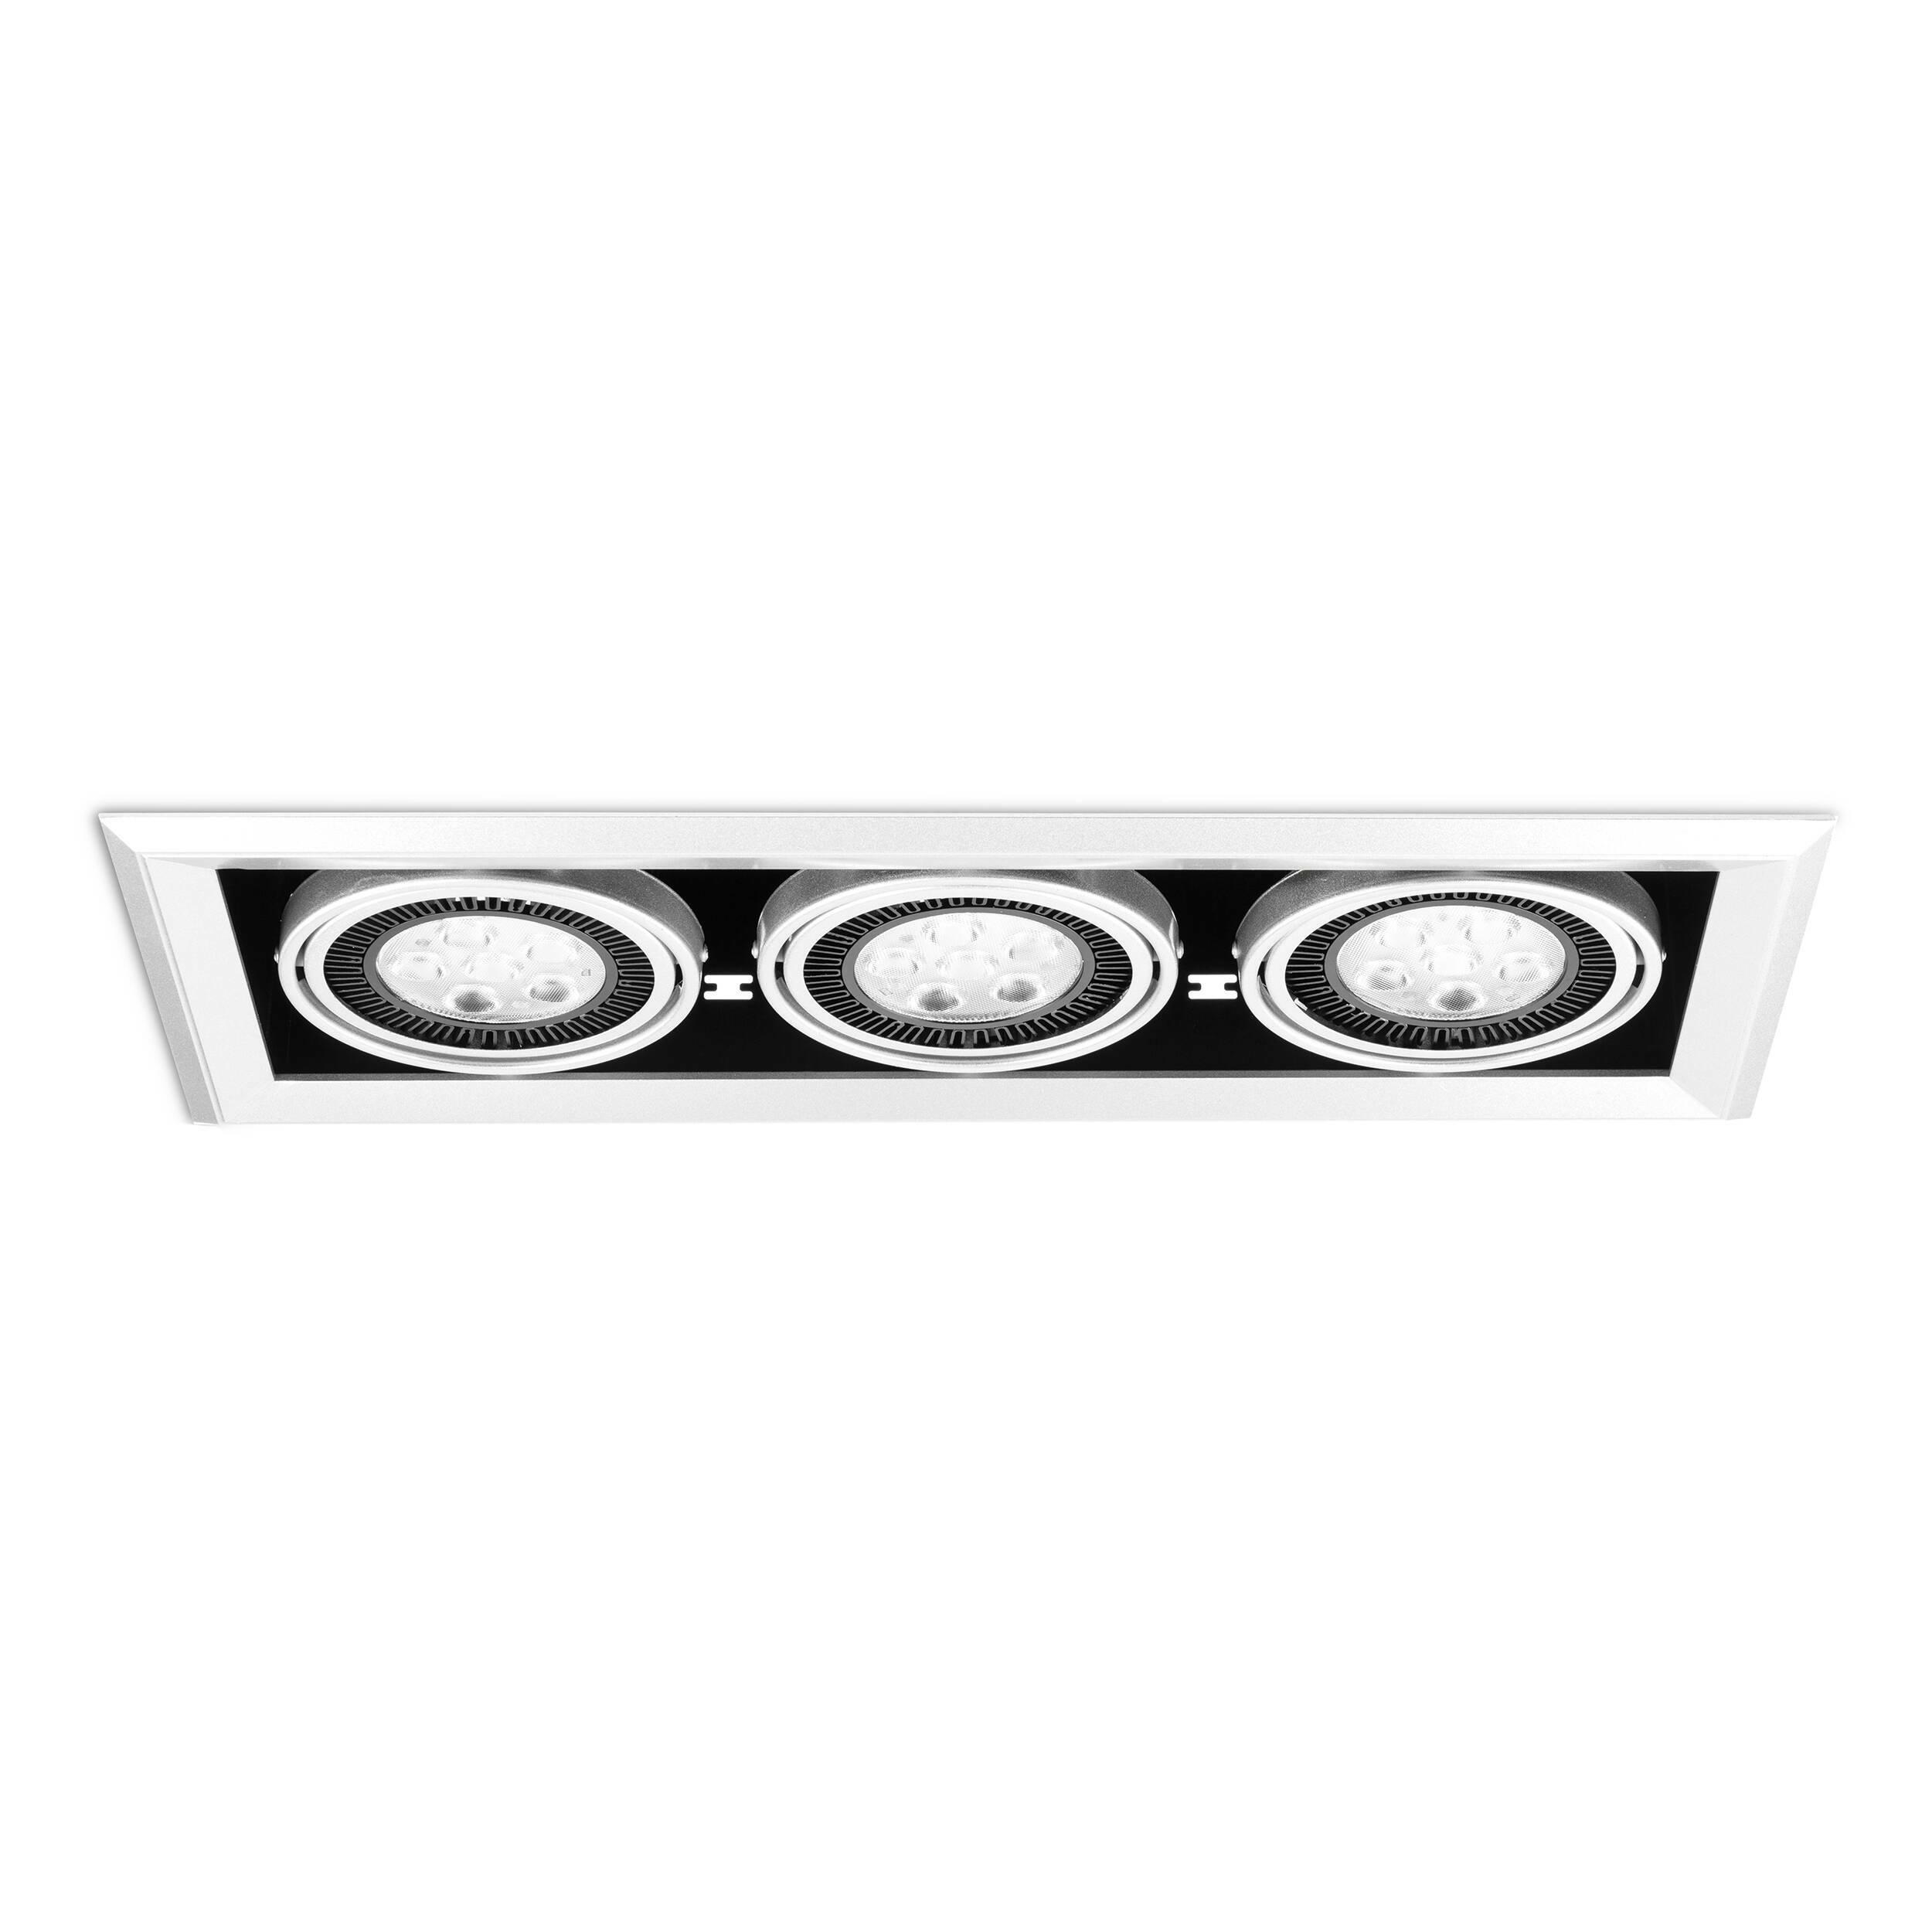 Встраиваемый светильник Cosmo 15579138 от Cosmorelax